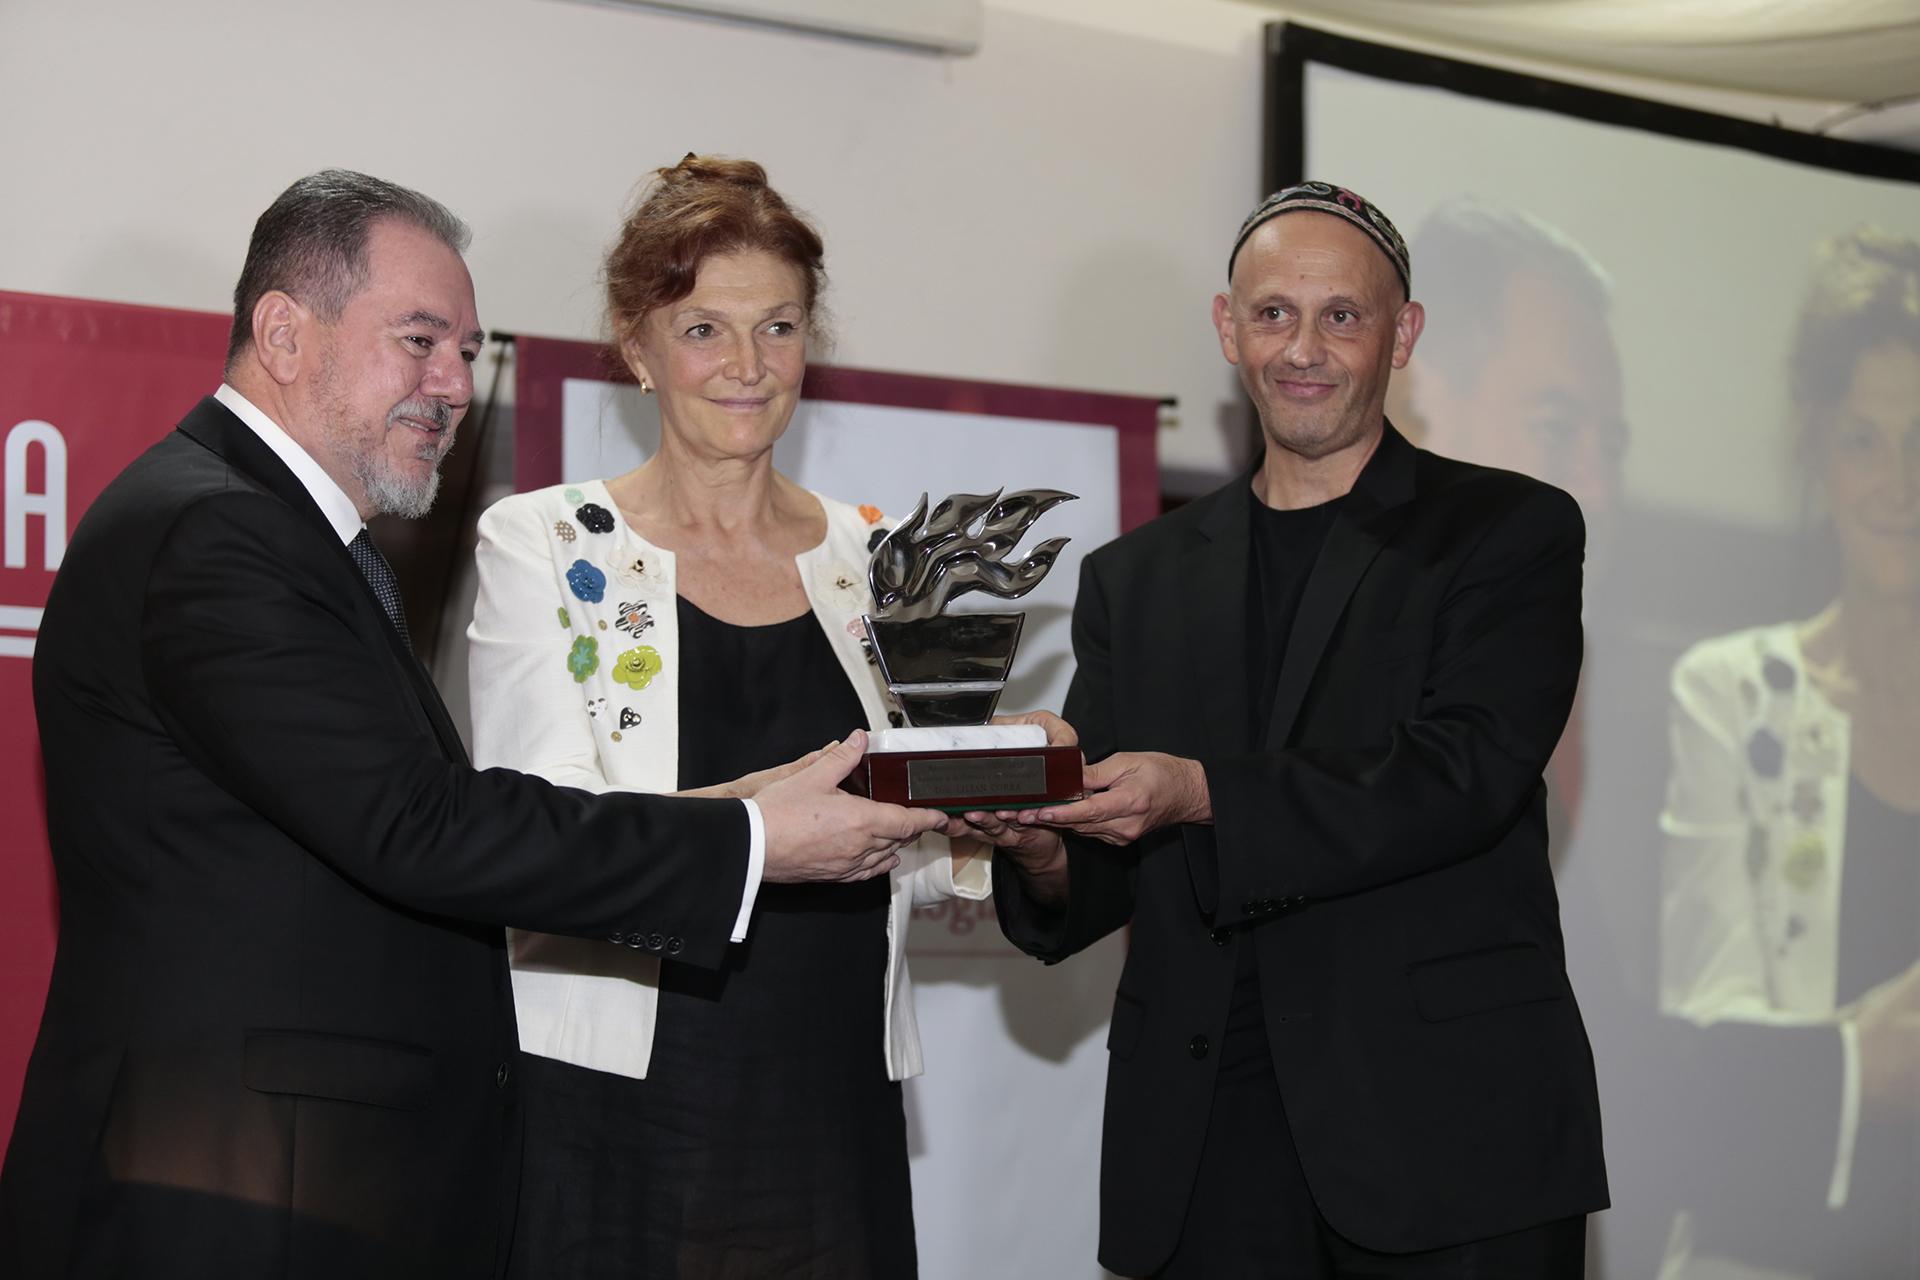 """Lilian Corra también preside la International Society of Doctors for the Environment (ISDE) y colabora activamente con la Asociación Argentina de Médicos por el Medio Ambiente (AAMMA), que fundó en 1992. Recibió el galardón en """"Medioambiente"""", por su labor destacada en la difusión de las problemáticas que el cambio climático genera en la salud humana"""